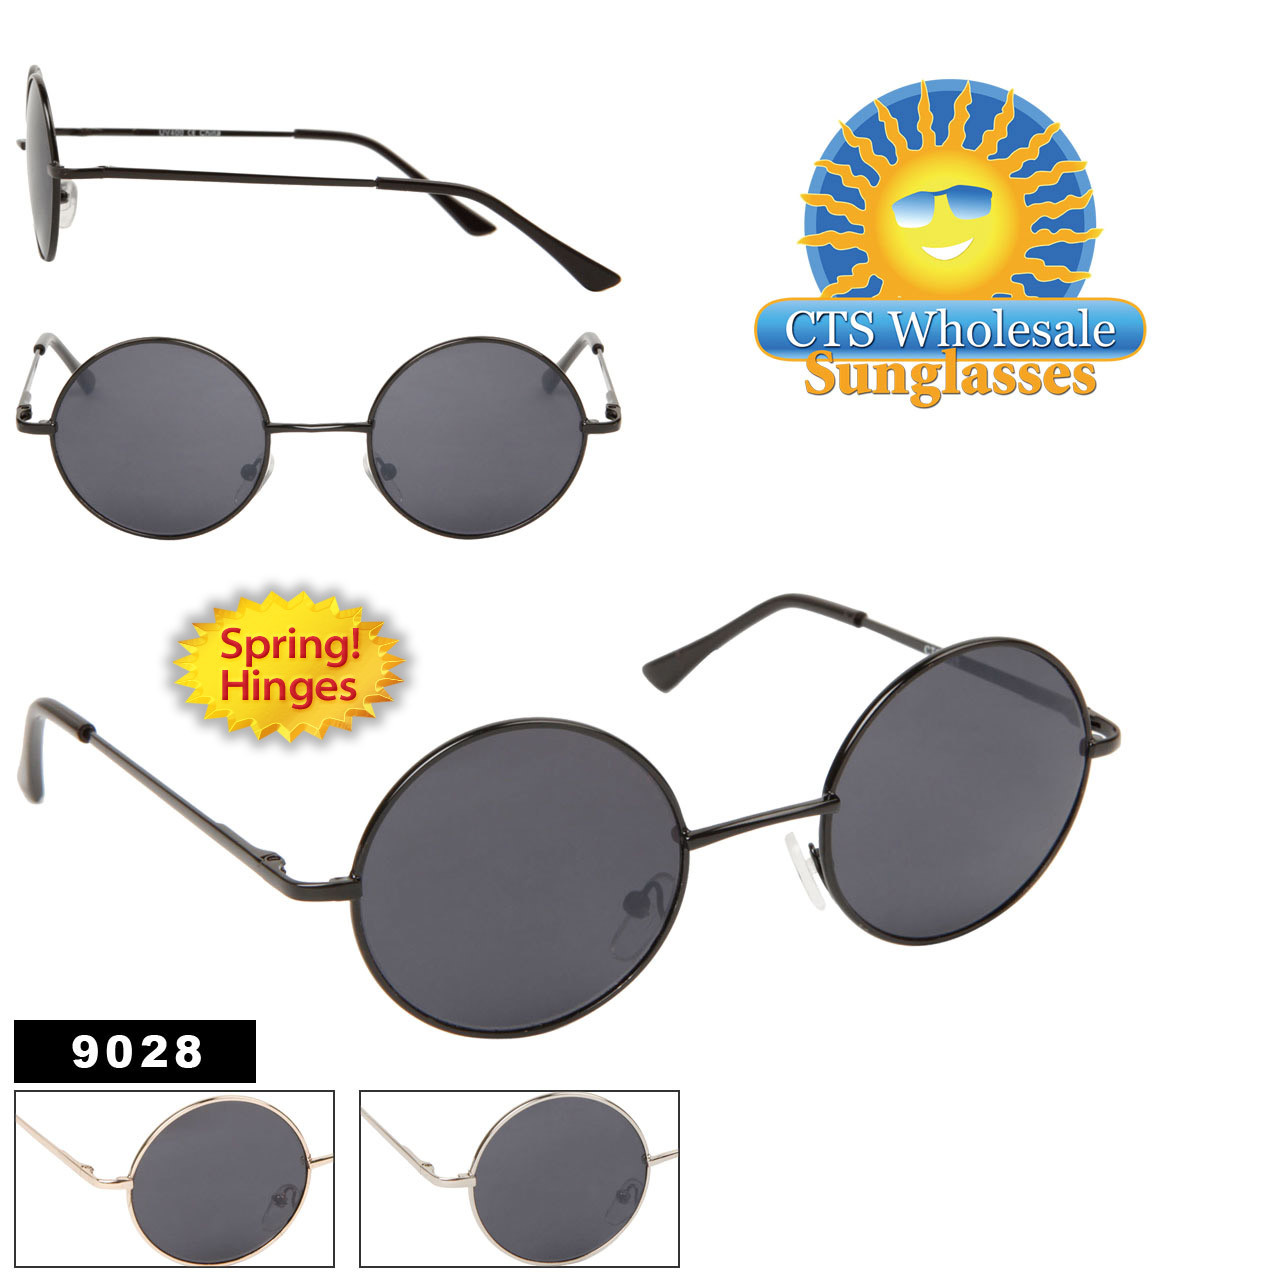 John Lennon Sunglasses #9028